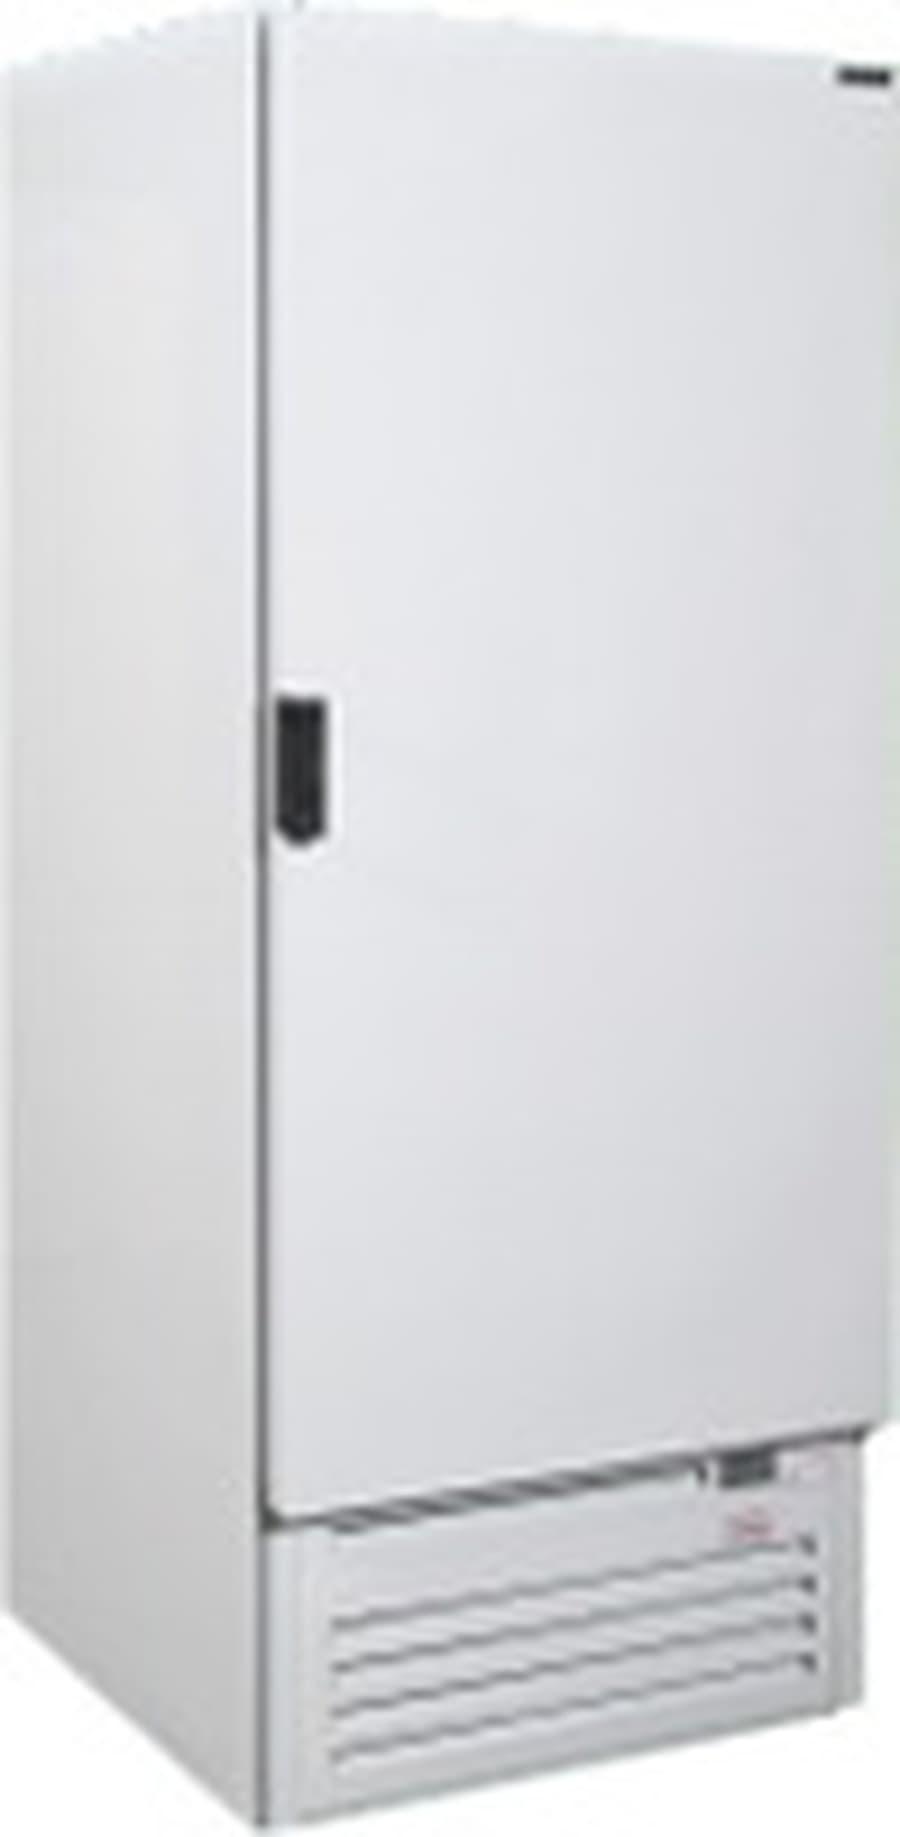 Шкаф морозильный ШНУП1ТУ - 0,75М тропик